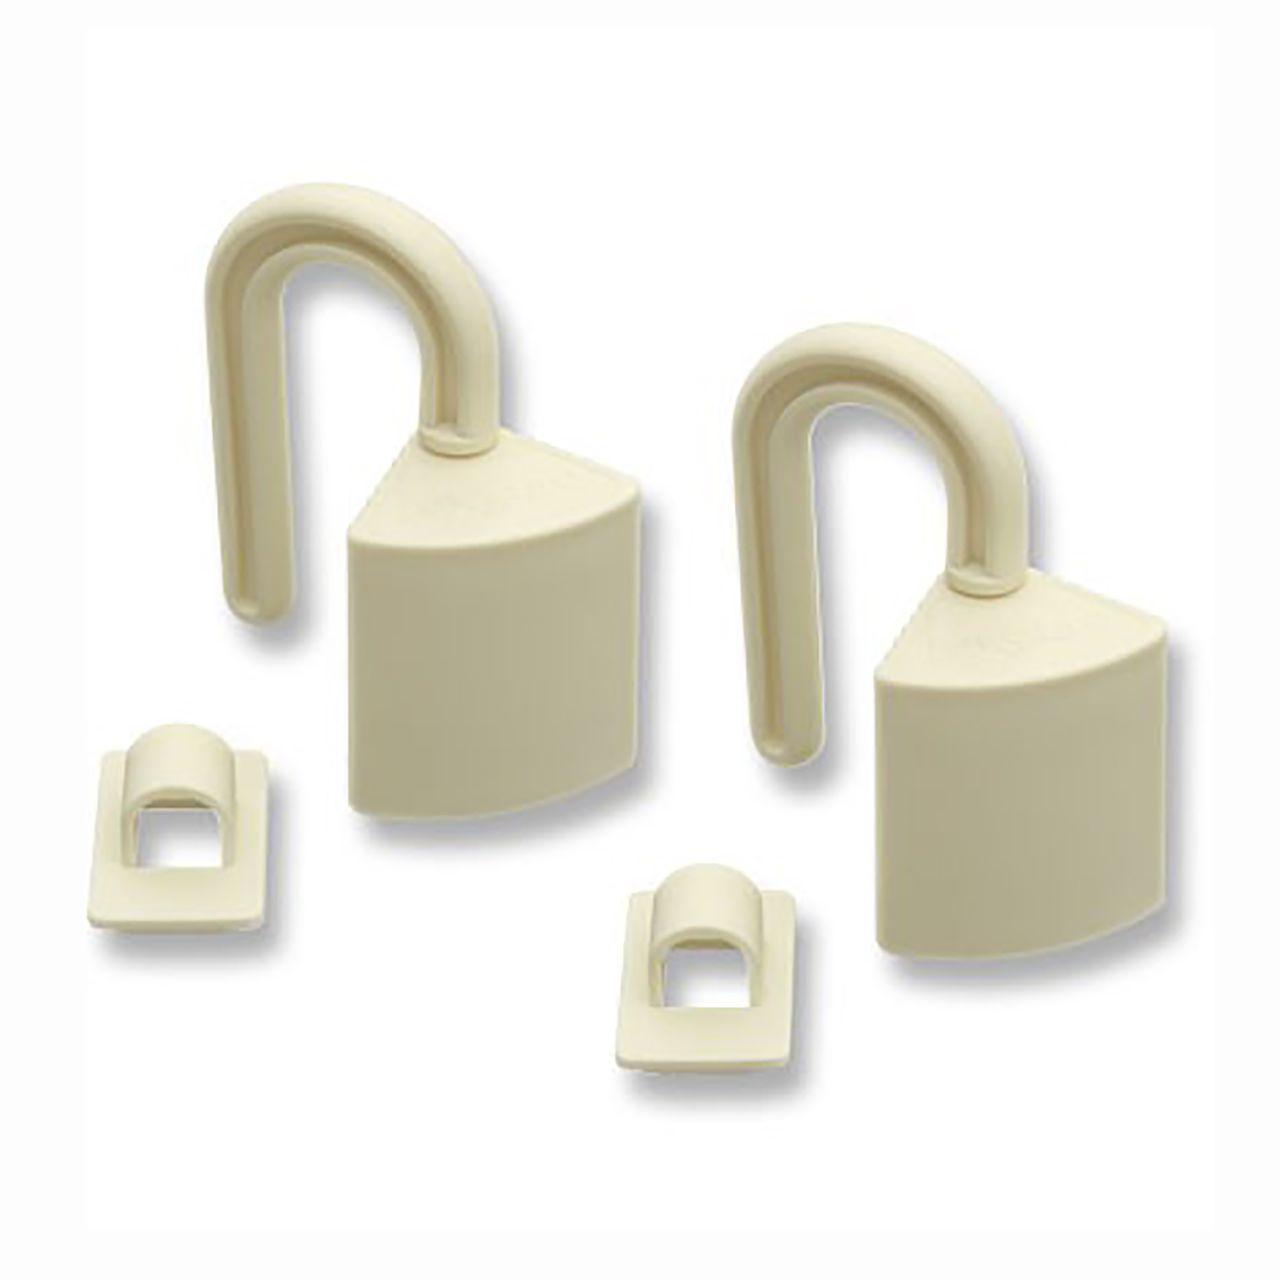 2 Stück H+H BS 850 Einklemmschutz für Türen